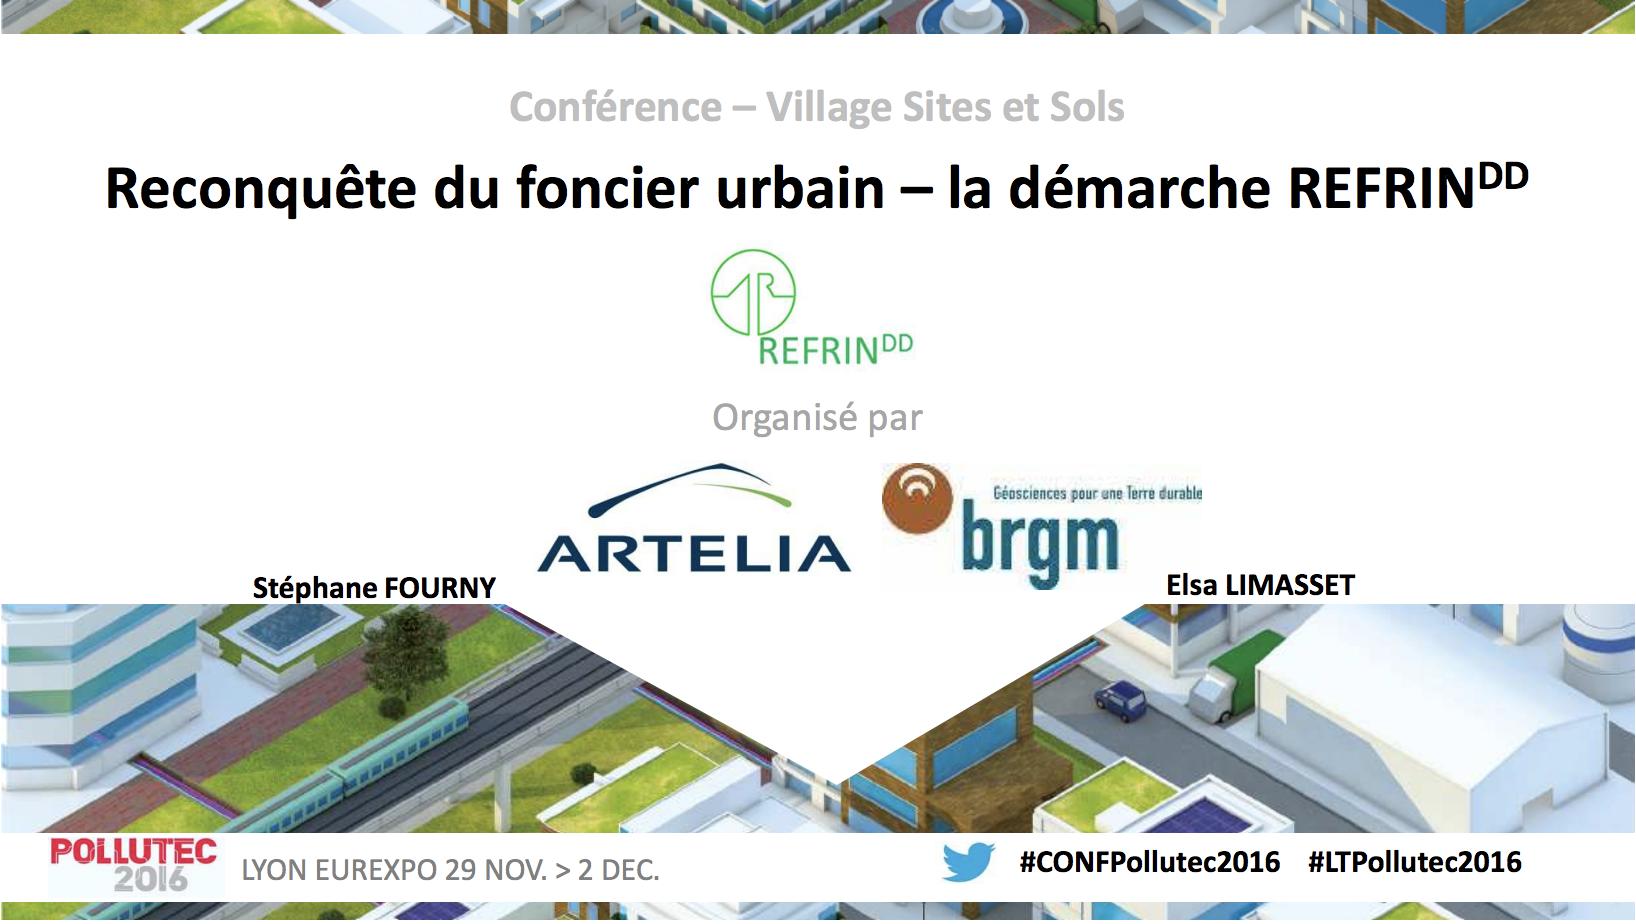 Reconquête du foncier urbain- la démarcheREFRINDD- accompagner les acteurs de la requalification des friches industrielles potentiellement polluées dans une démarche durable - ARTELIA, BRGM - 2016